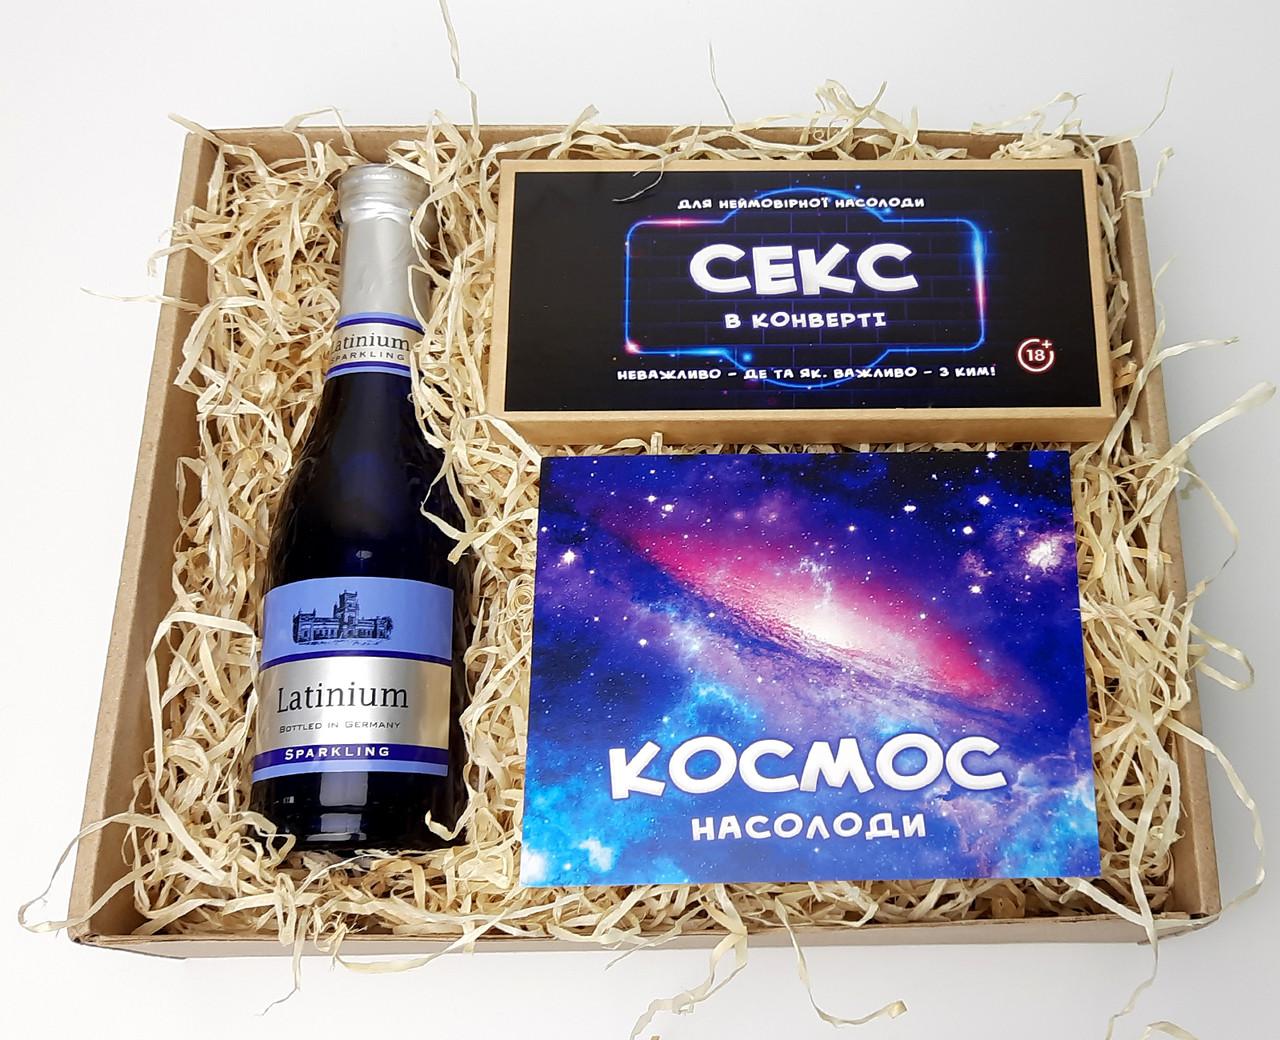 """Подарок для взрослых """"Ты мой космос"""": секс в конверте,  открытка """"Космос"""" и игристое настроение"""